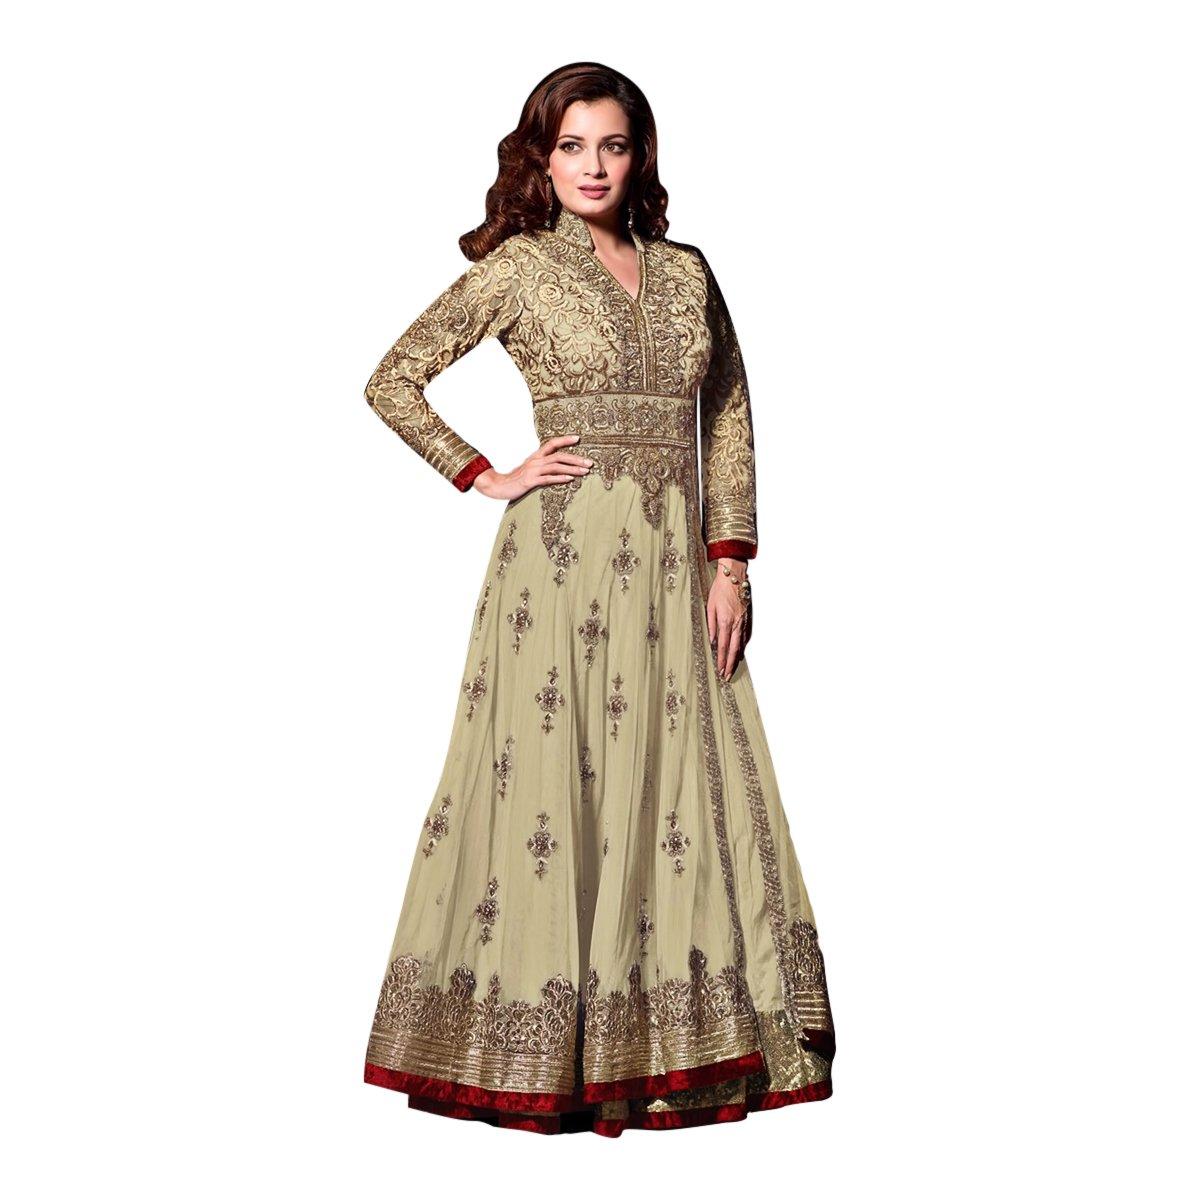 Black Friday Sale velvet Wedding Wear Salwar Suit Lehenga Dress Kaftan Women MuslimEthnic Traditional 623 (White)